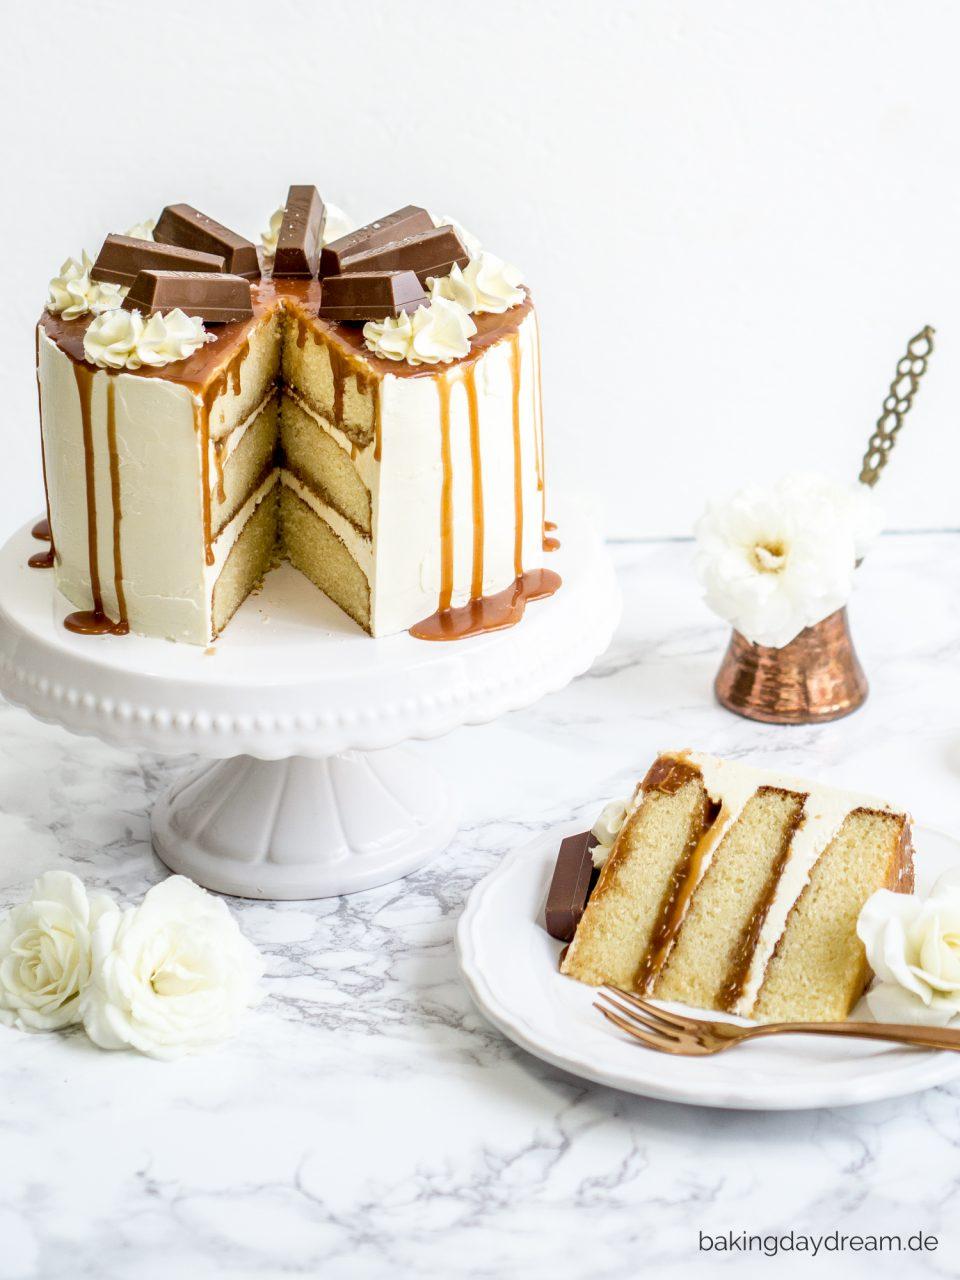 Torte mit Karamell